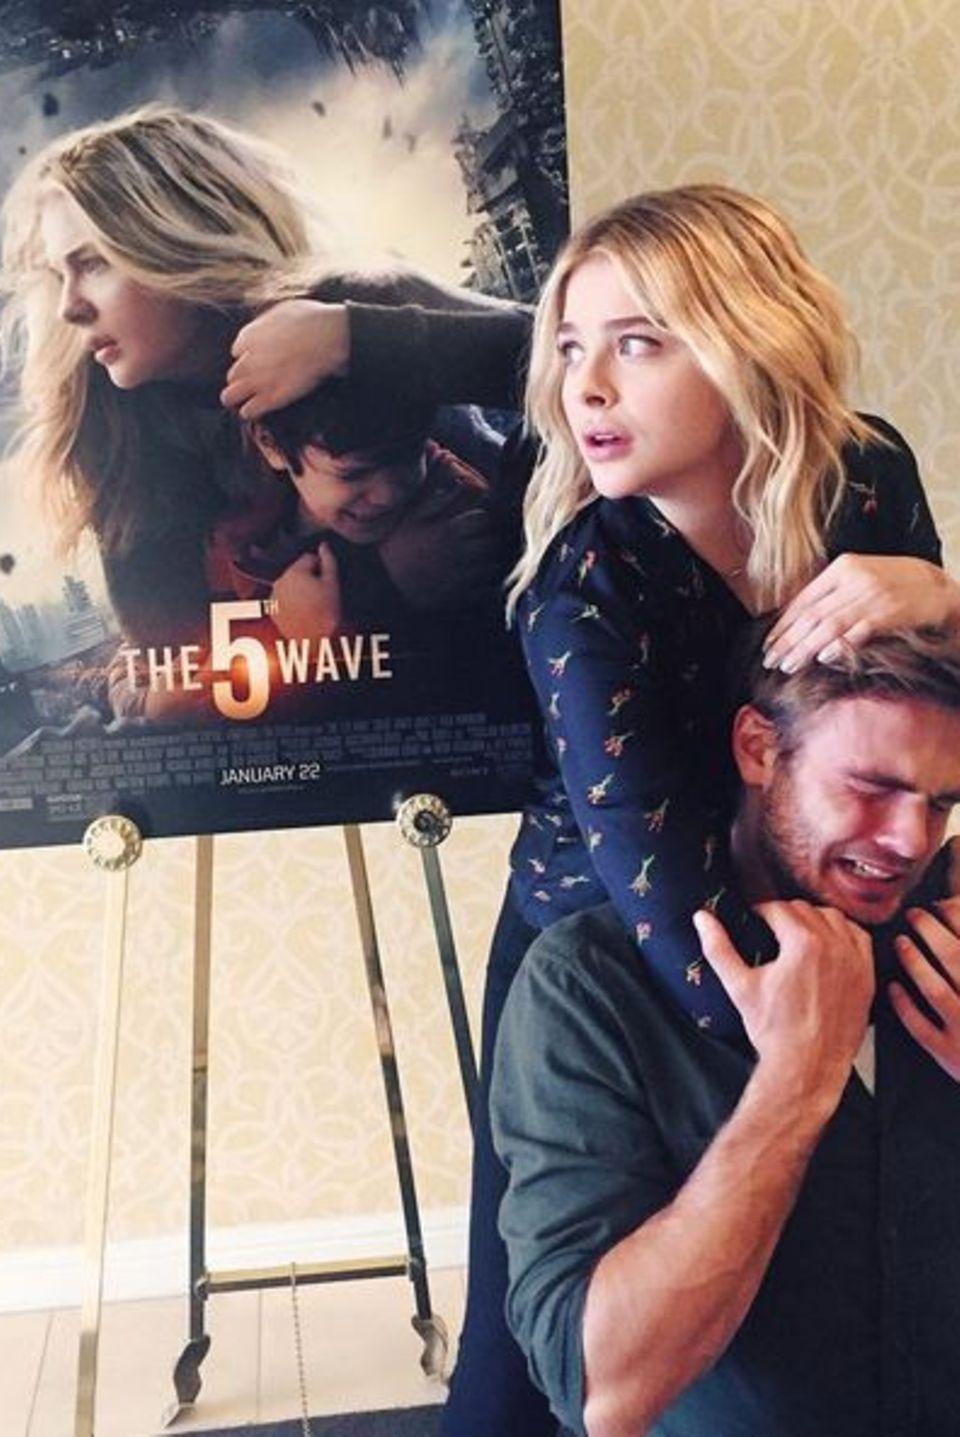 """Januar 2016  Die Schauspielerin Chloë Grace Moretz stellt das Plakat ihres aktuellen Films """"Die 5. Welle"""" mit ihrem Schauspielkollegen Alex Roe nach. Der läuft bereits preisverdächtig rot an. Der Film kommt am 14. Januar in die deutschen Kinos."""